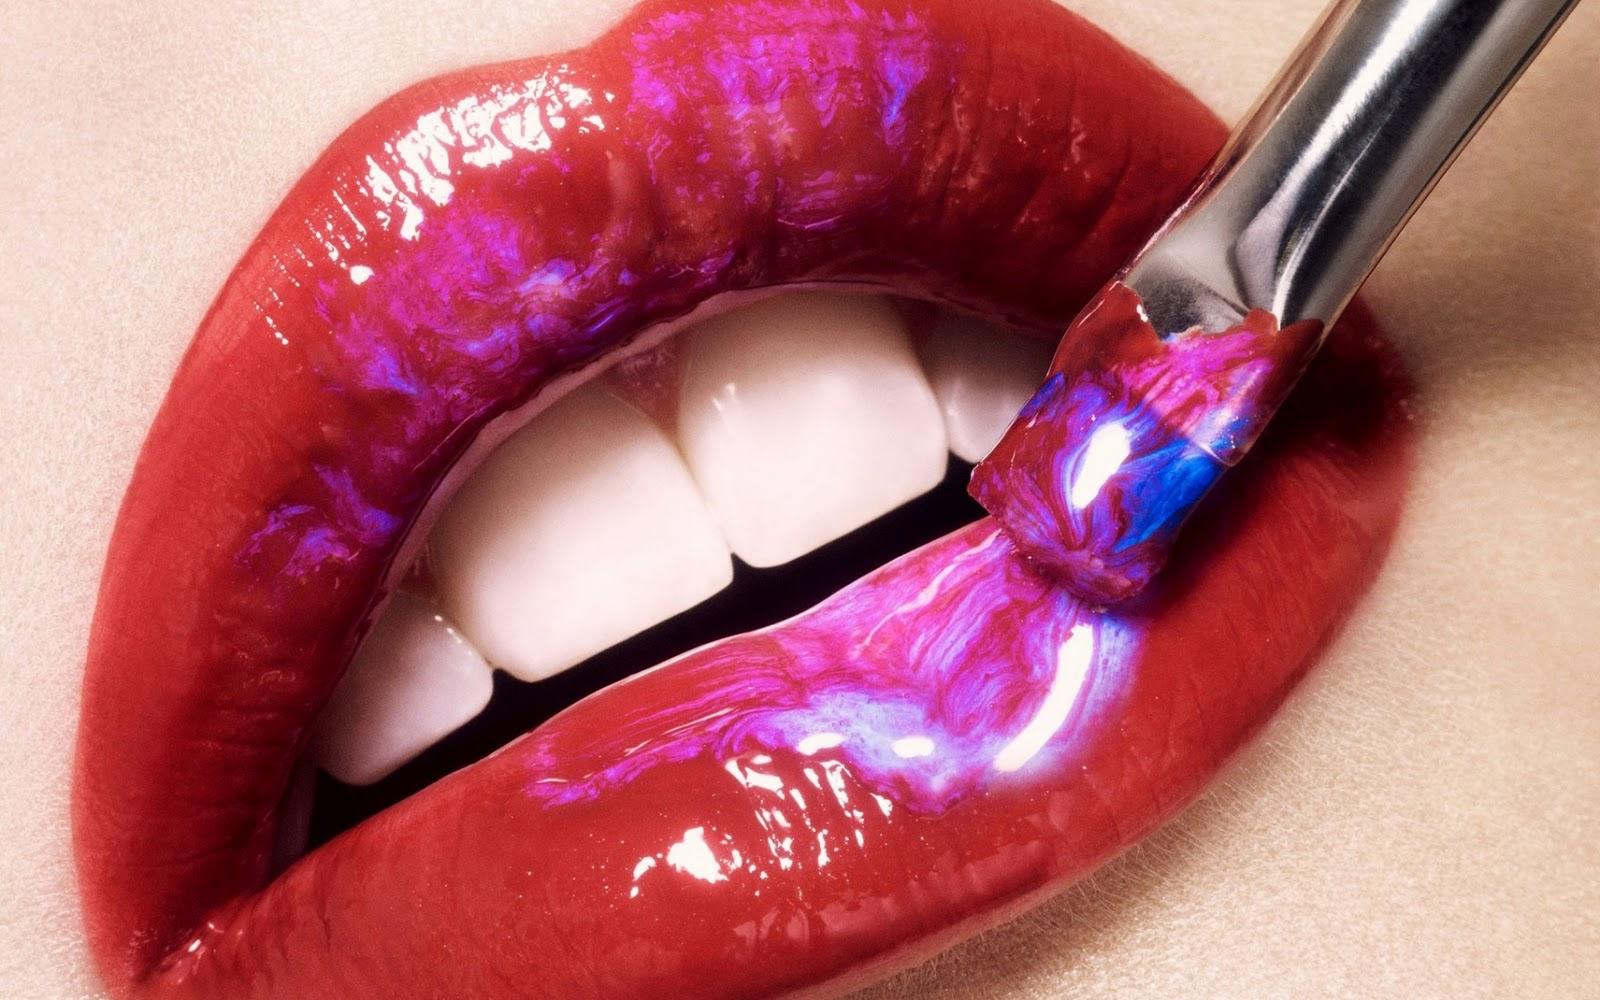 Beauty Lips Wallpaper Best Blog WallpaperLikjen Create 1600x1000